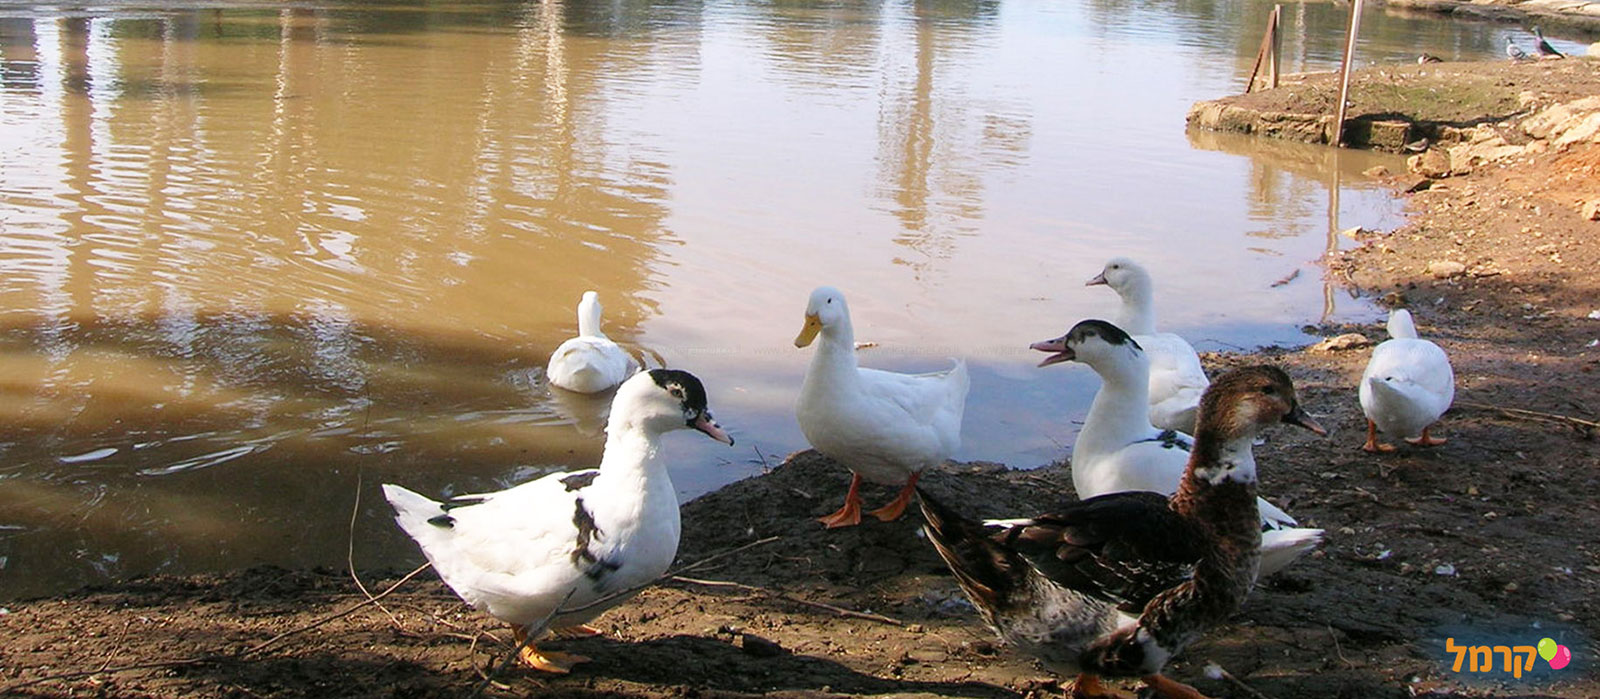 אגם הפארק - 073-7025116